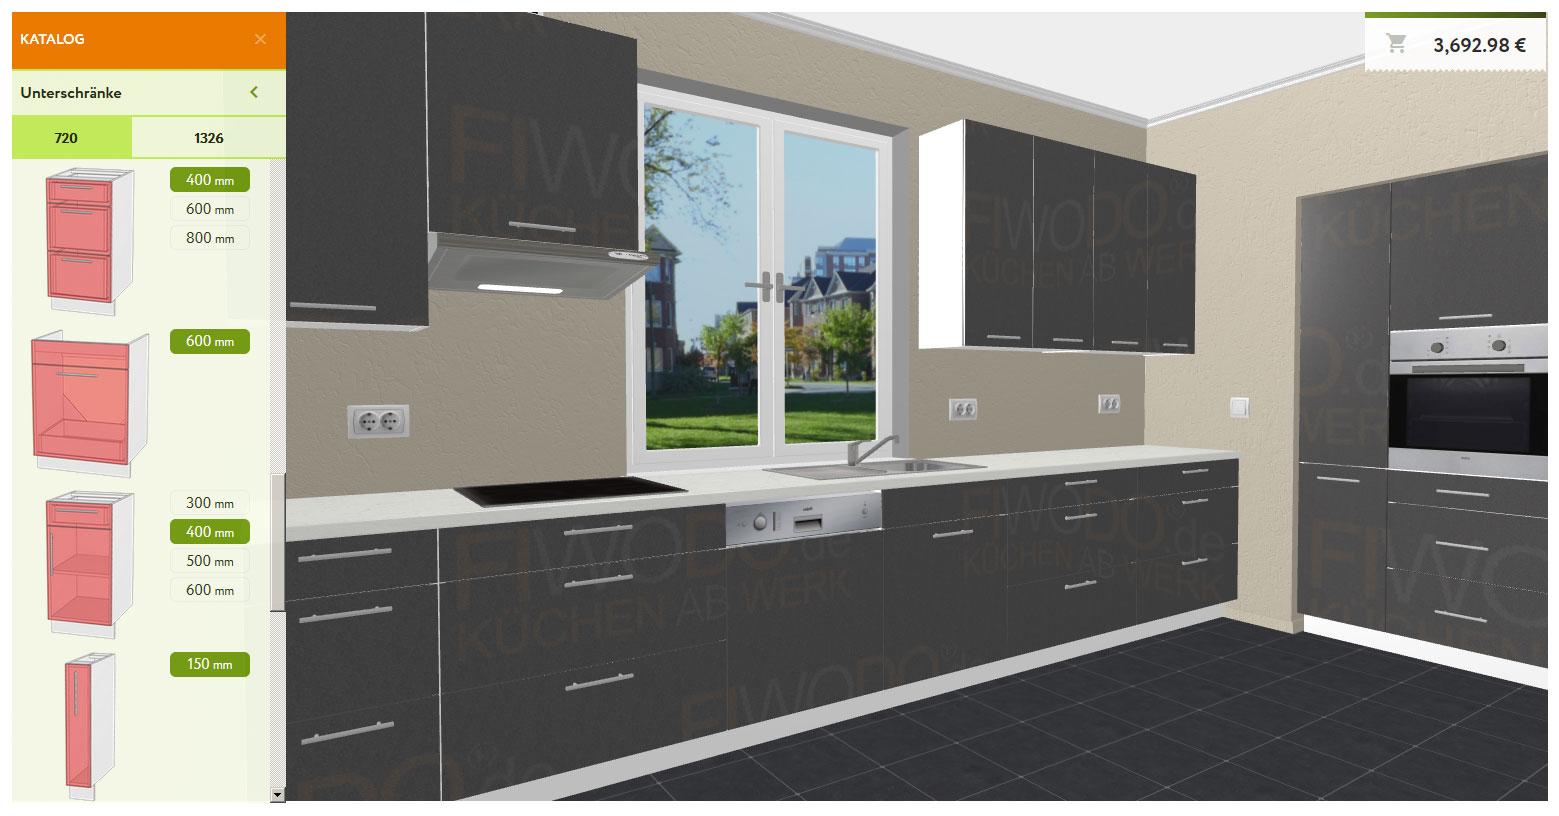 Full Size of Arbeitsplatte Küche Planen Küche Planen App Android Küche Planen Online Nobilia Küche Planen Küche Küche Planen